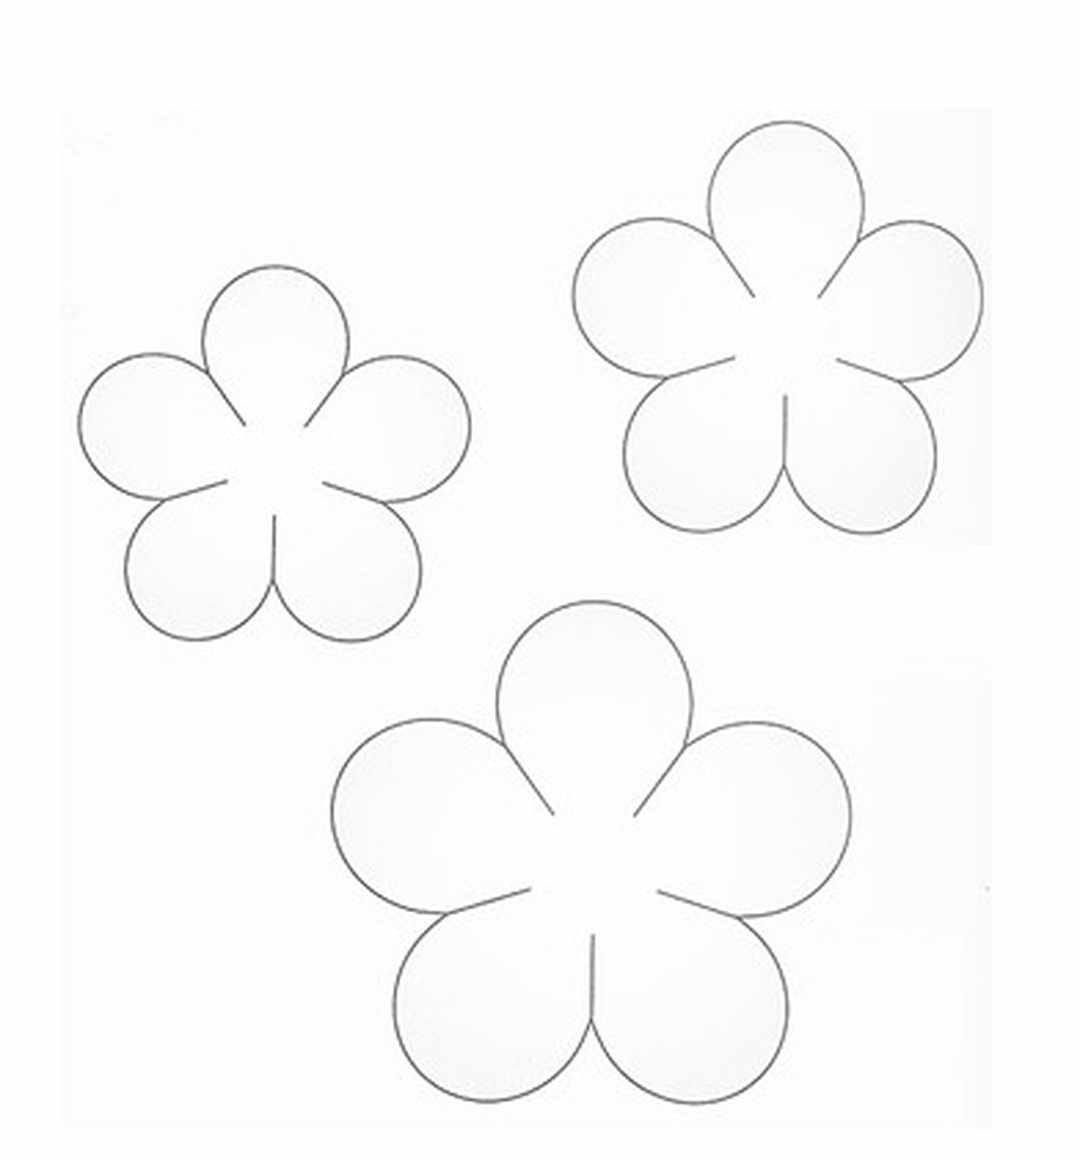 цветок из бумаги на открытку шаблон того чтобы оригинально